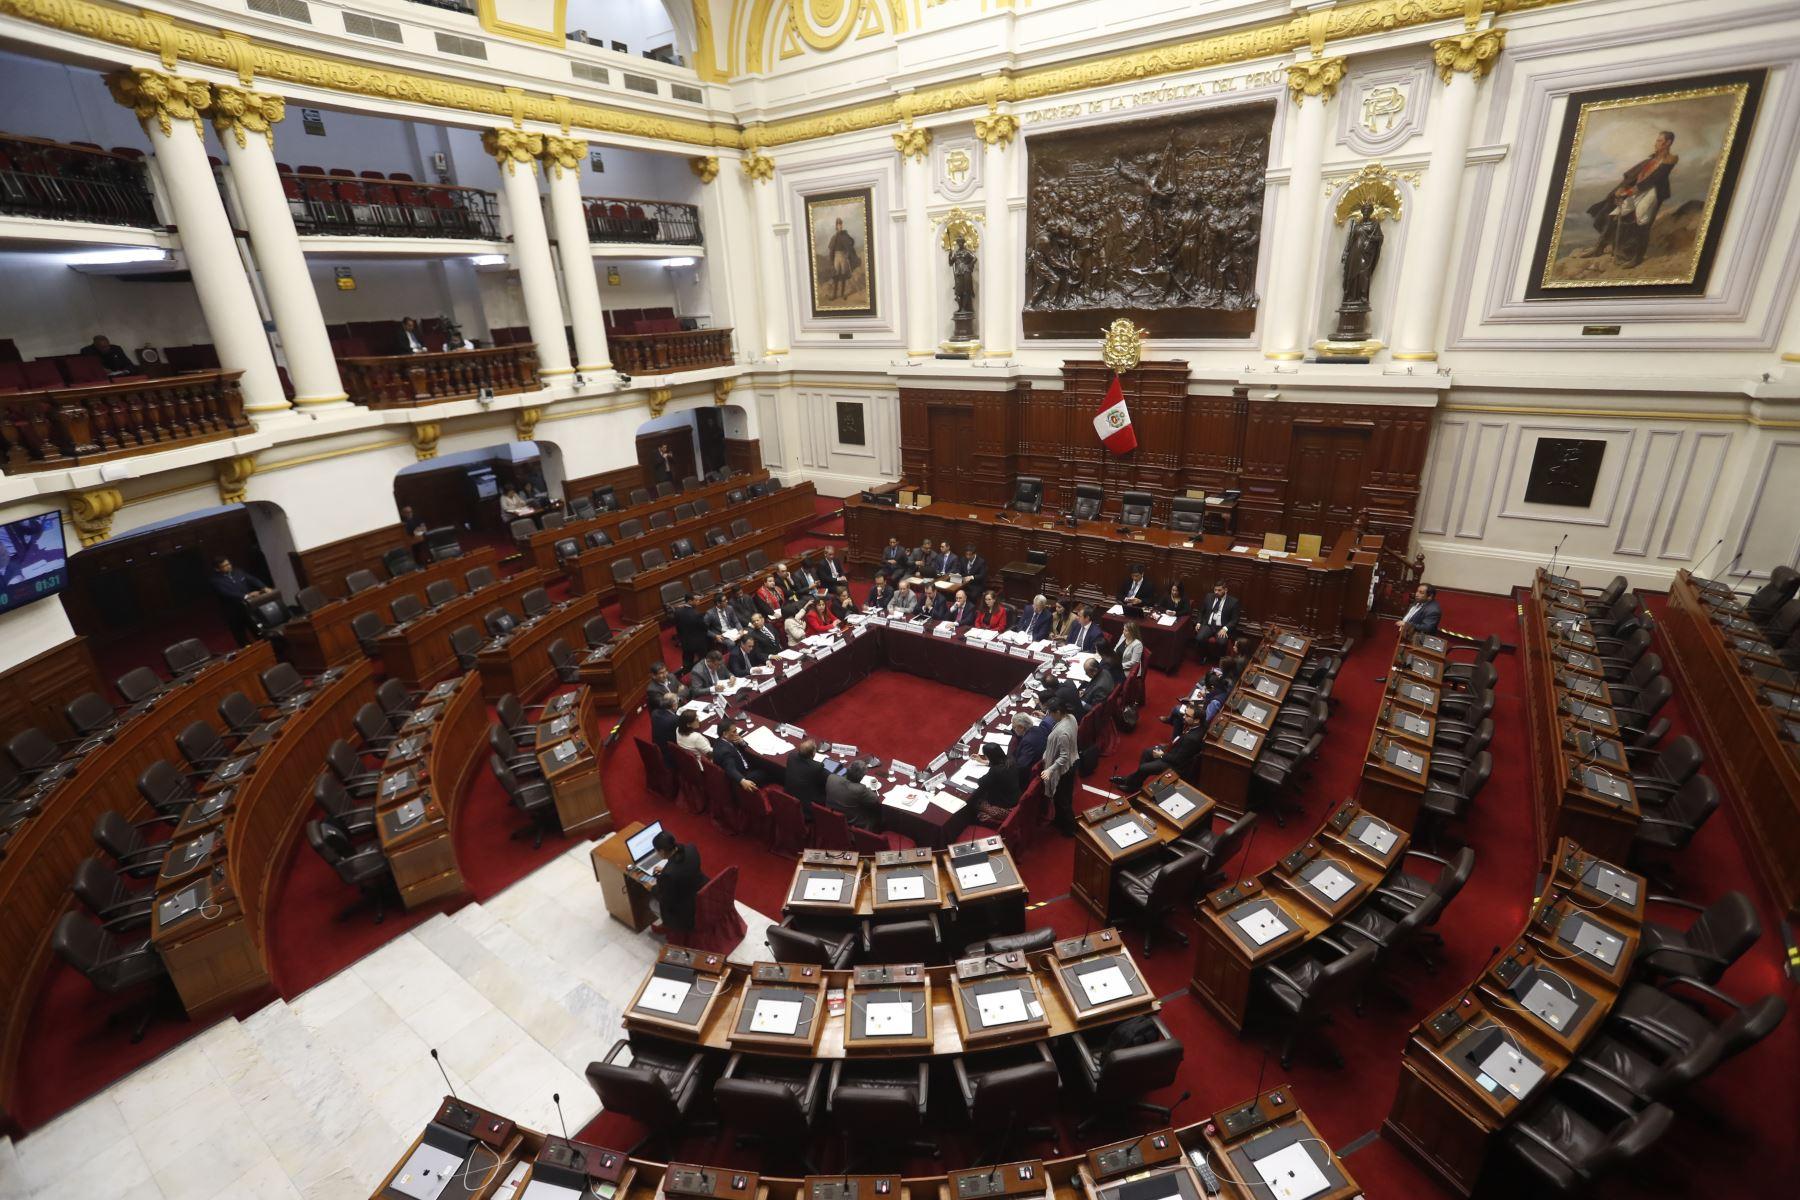 Comisión priorizará la reforma electoral y la inmunidad parlamentaria. ANDINA/Renato Pajuelo